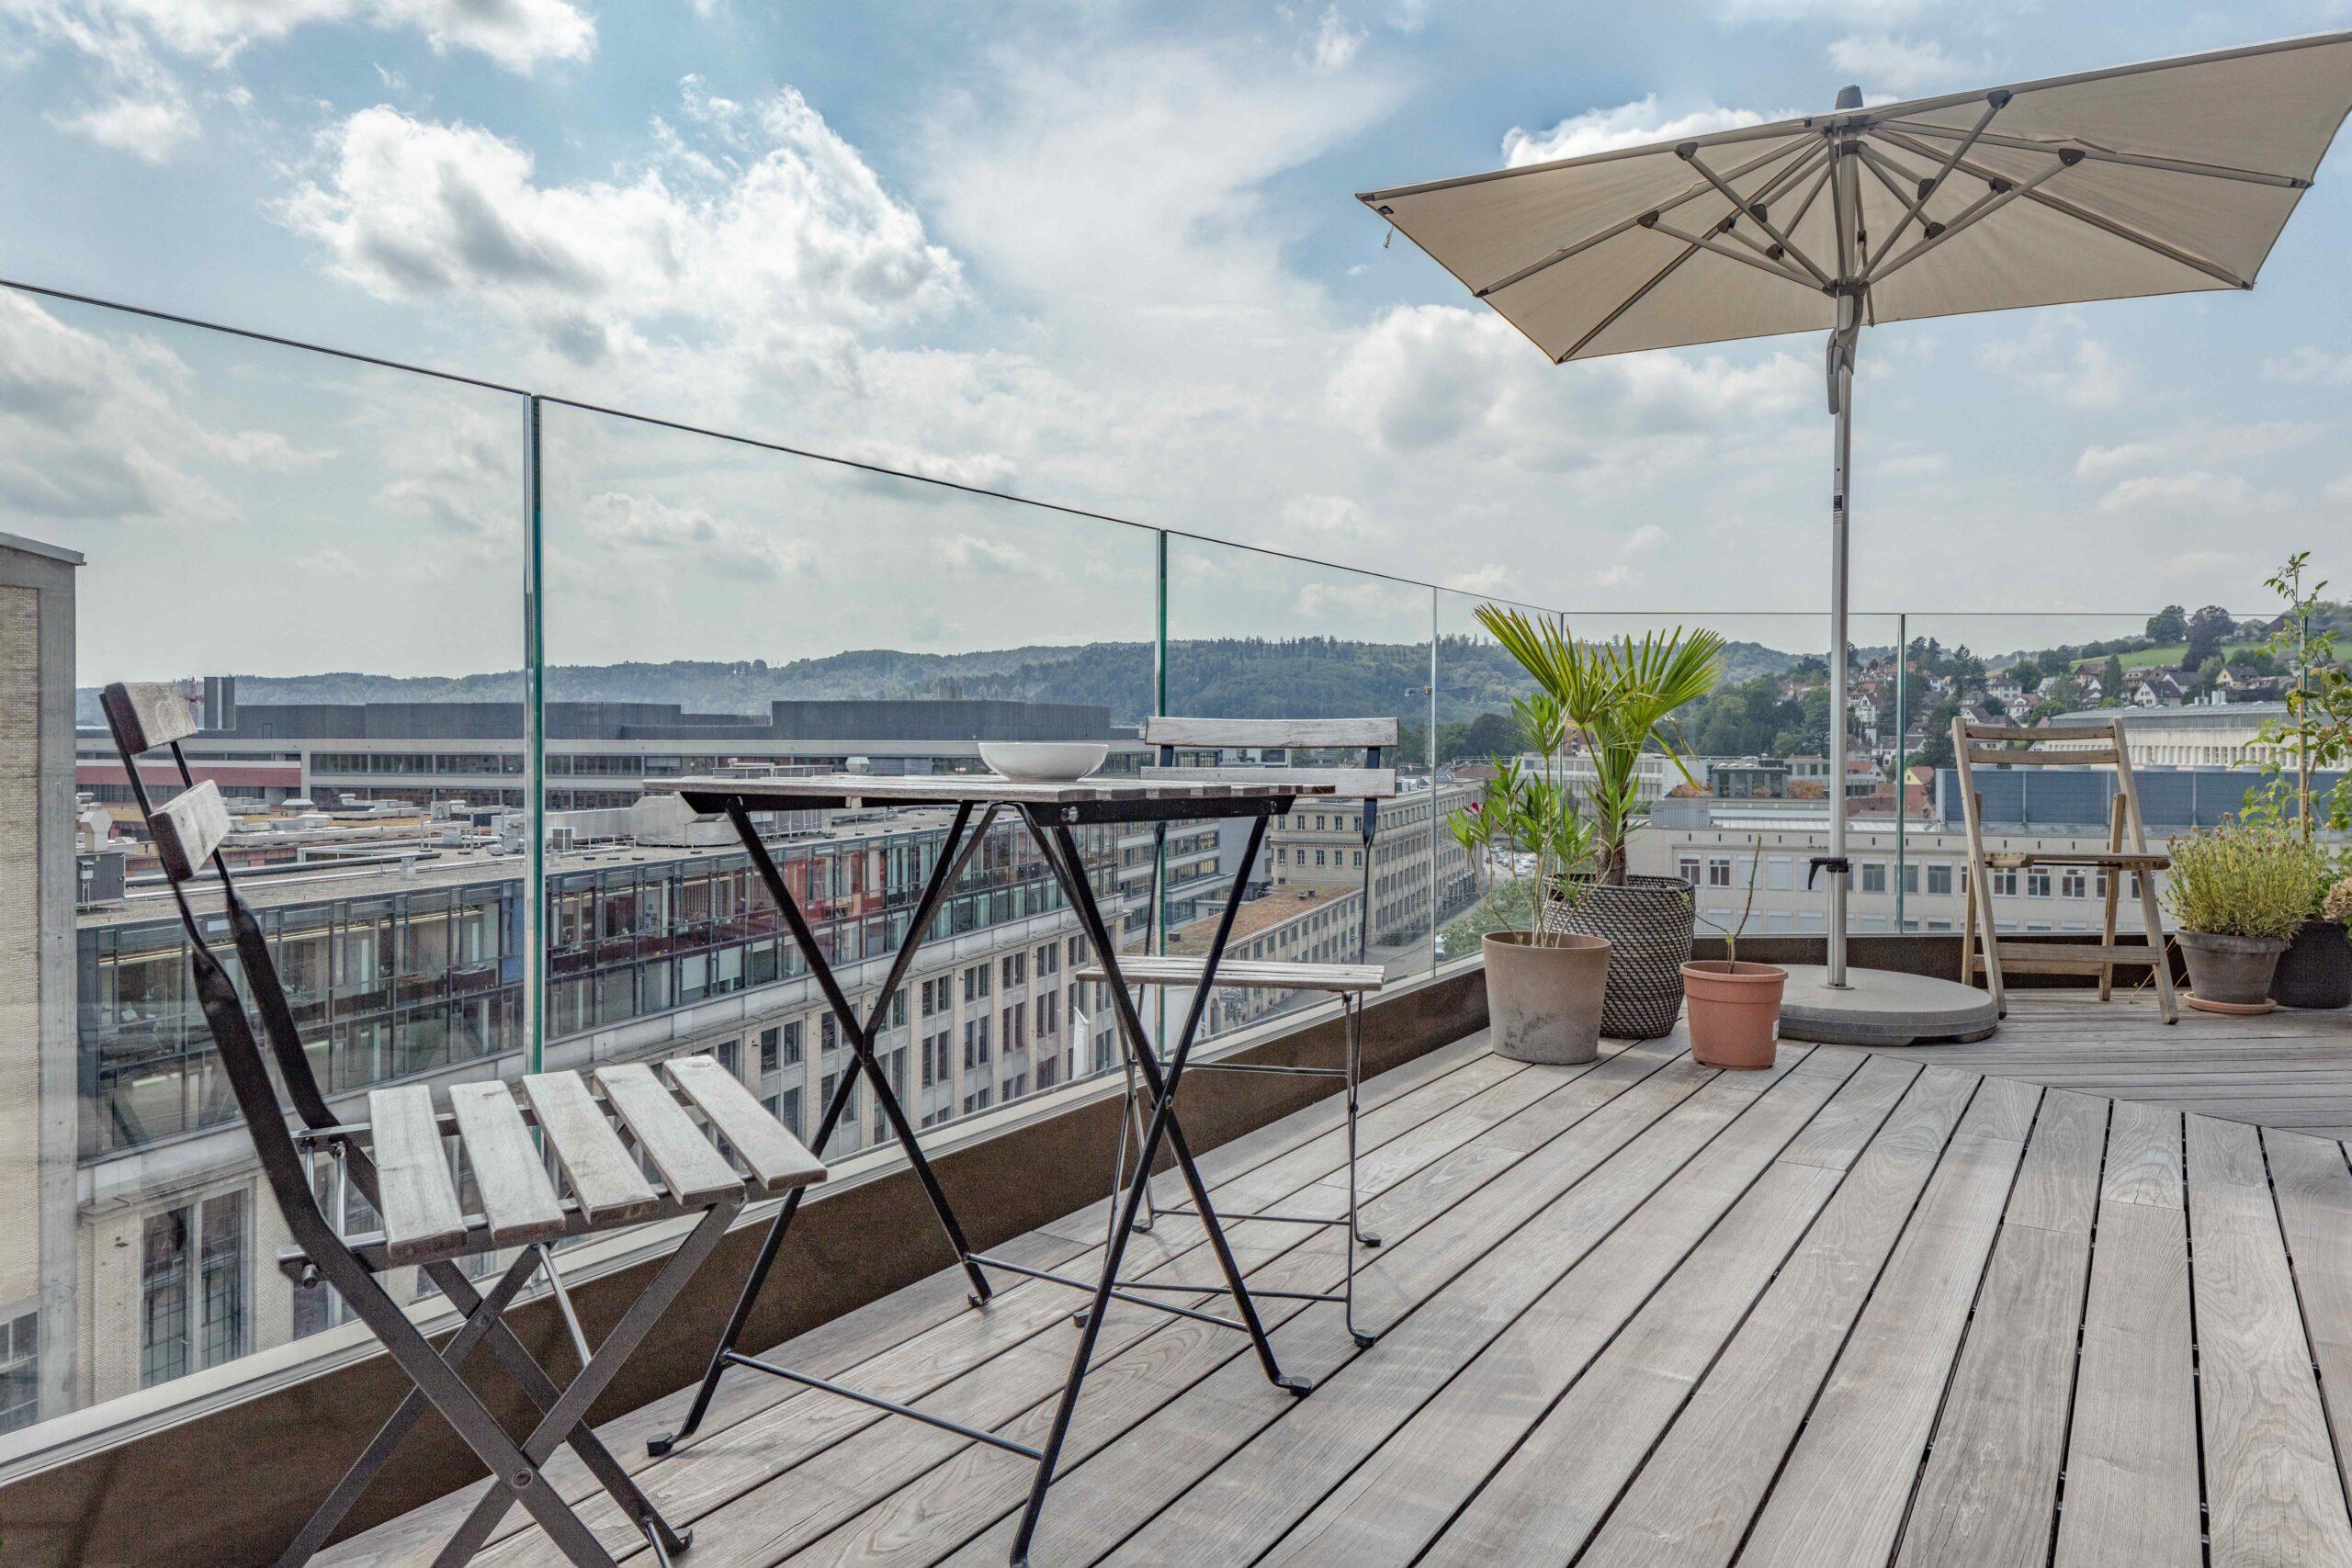 Dachterrasse mit Ganzglasgeländern und Stadtblick und Sitzmöglichkeit